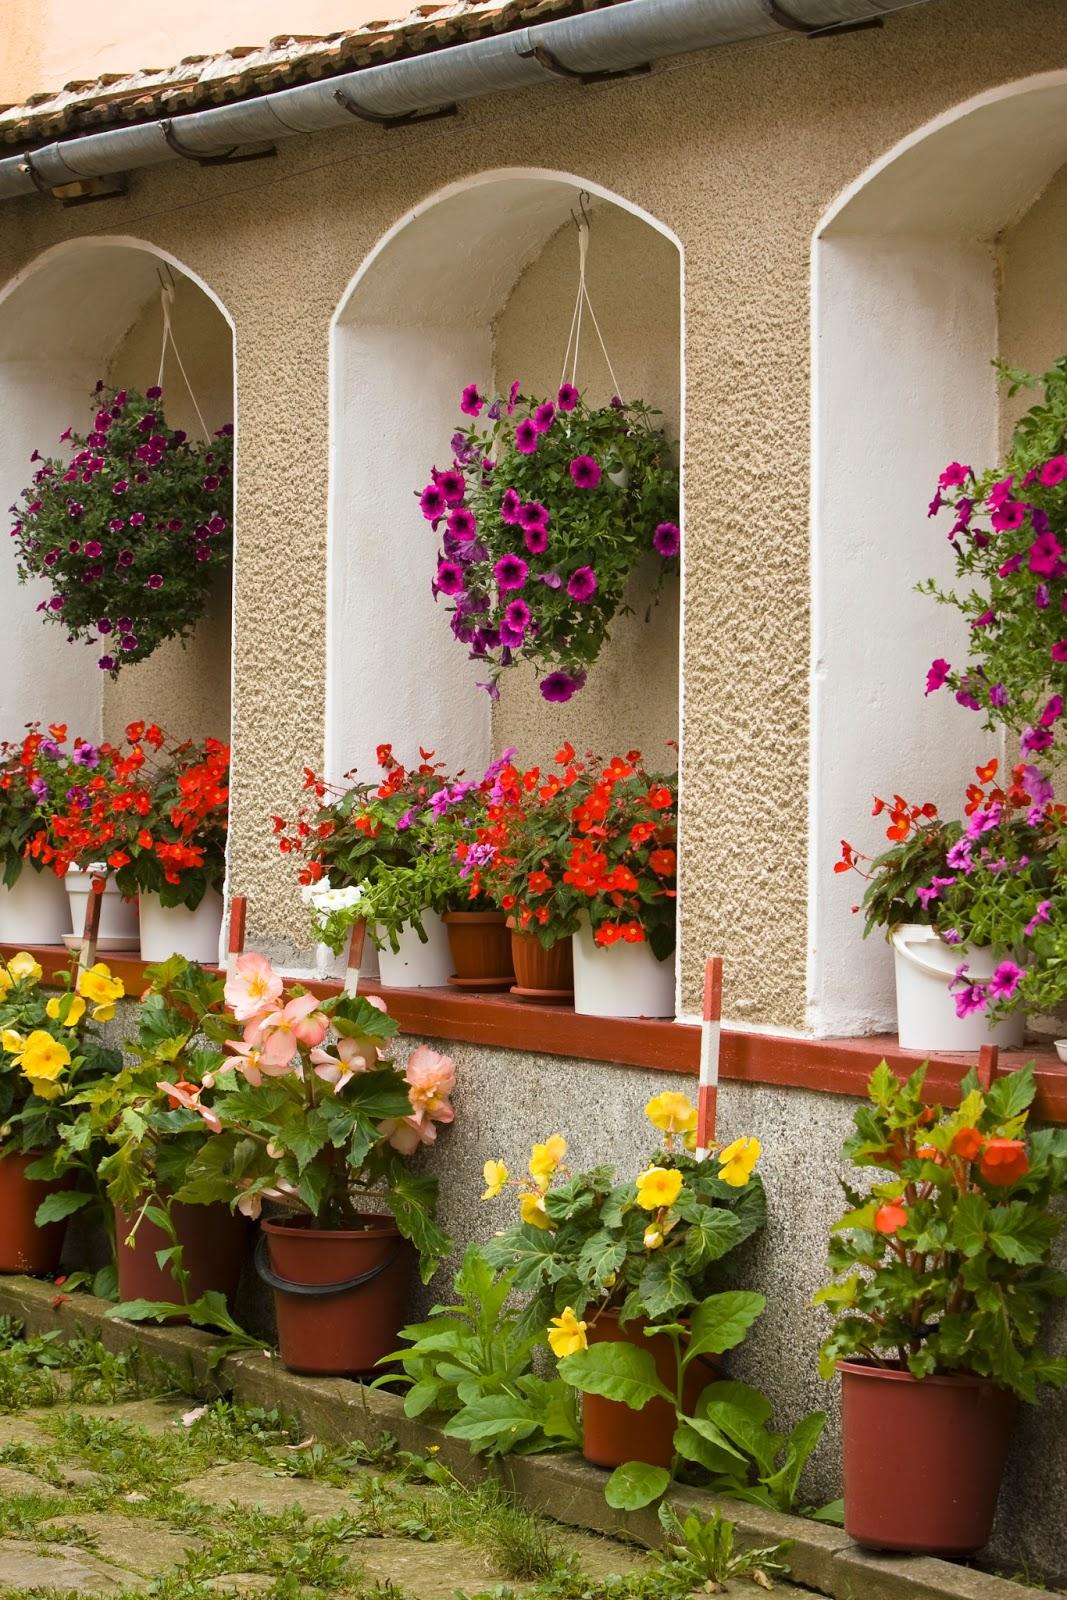 Arreglos Florales - Envio y entrega de Arreglos Florales